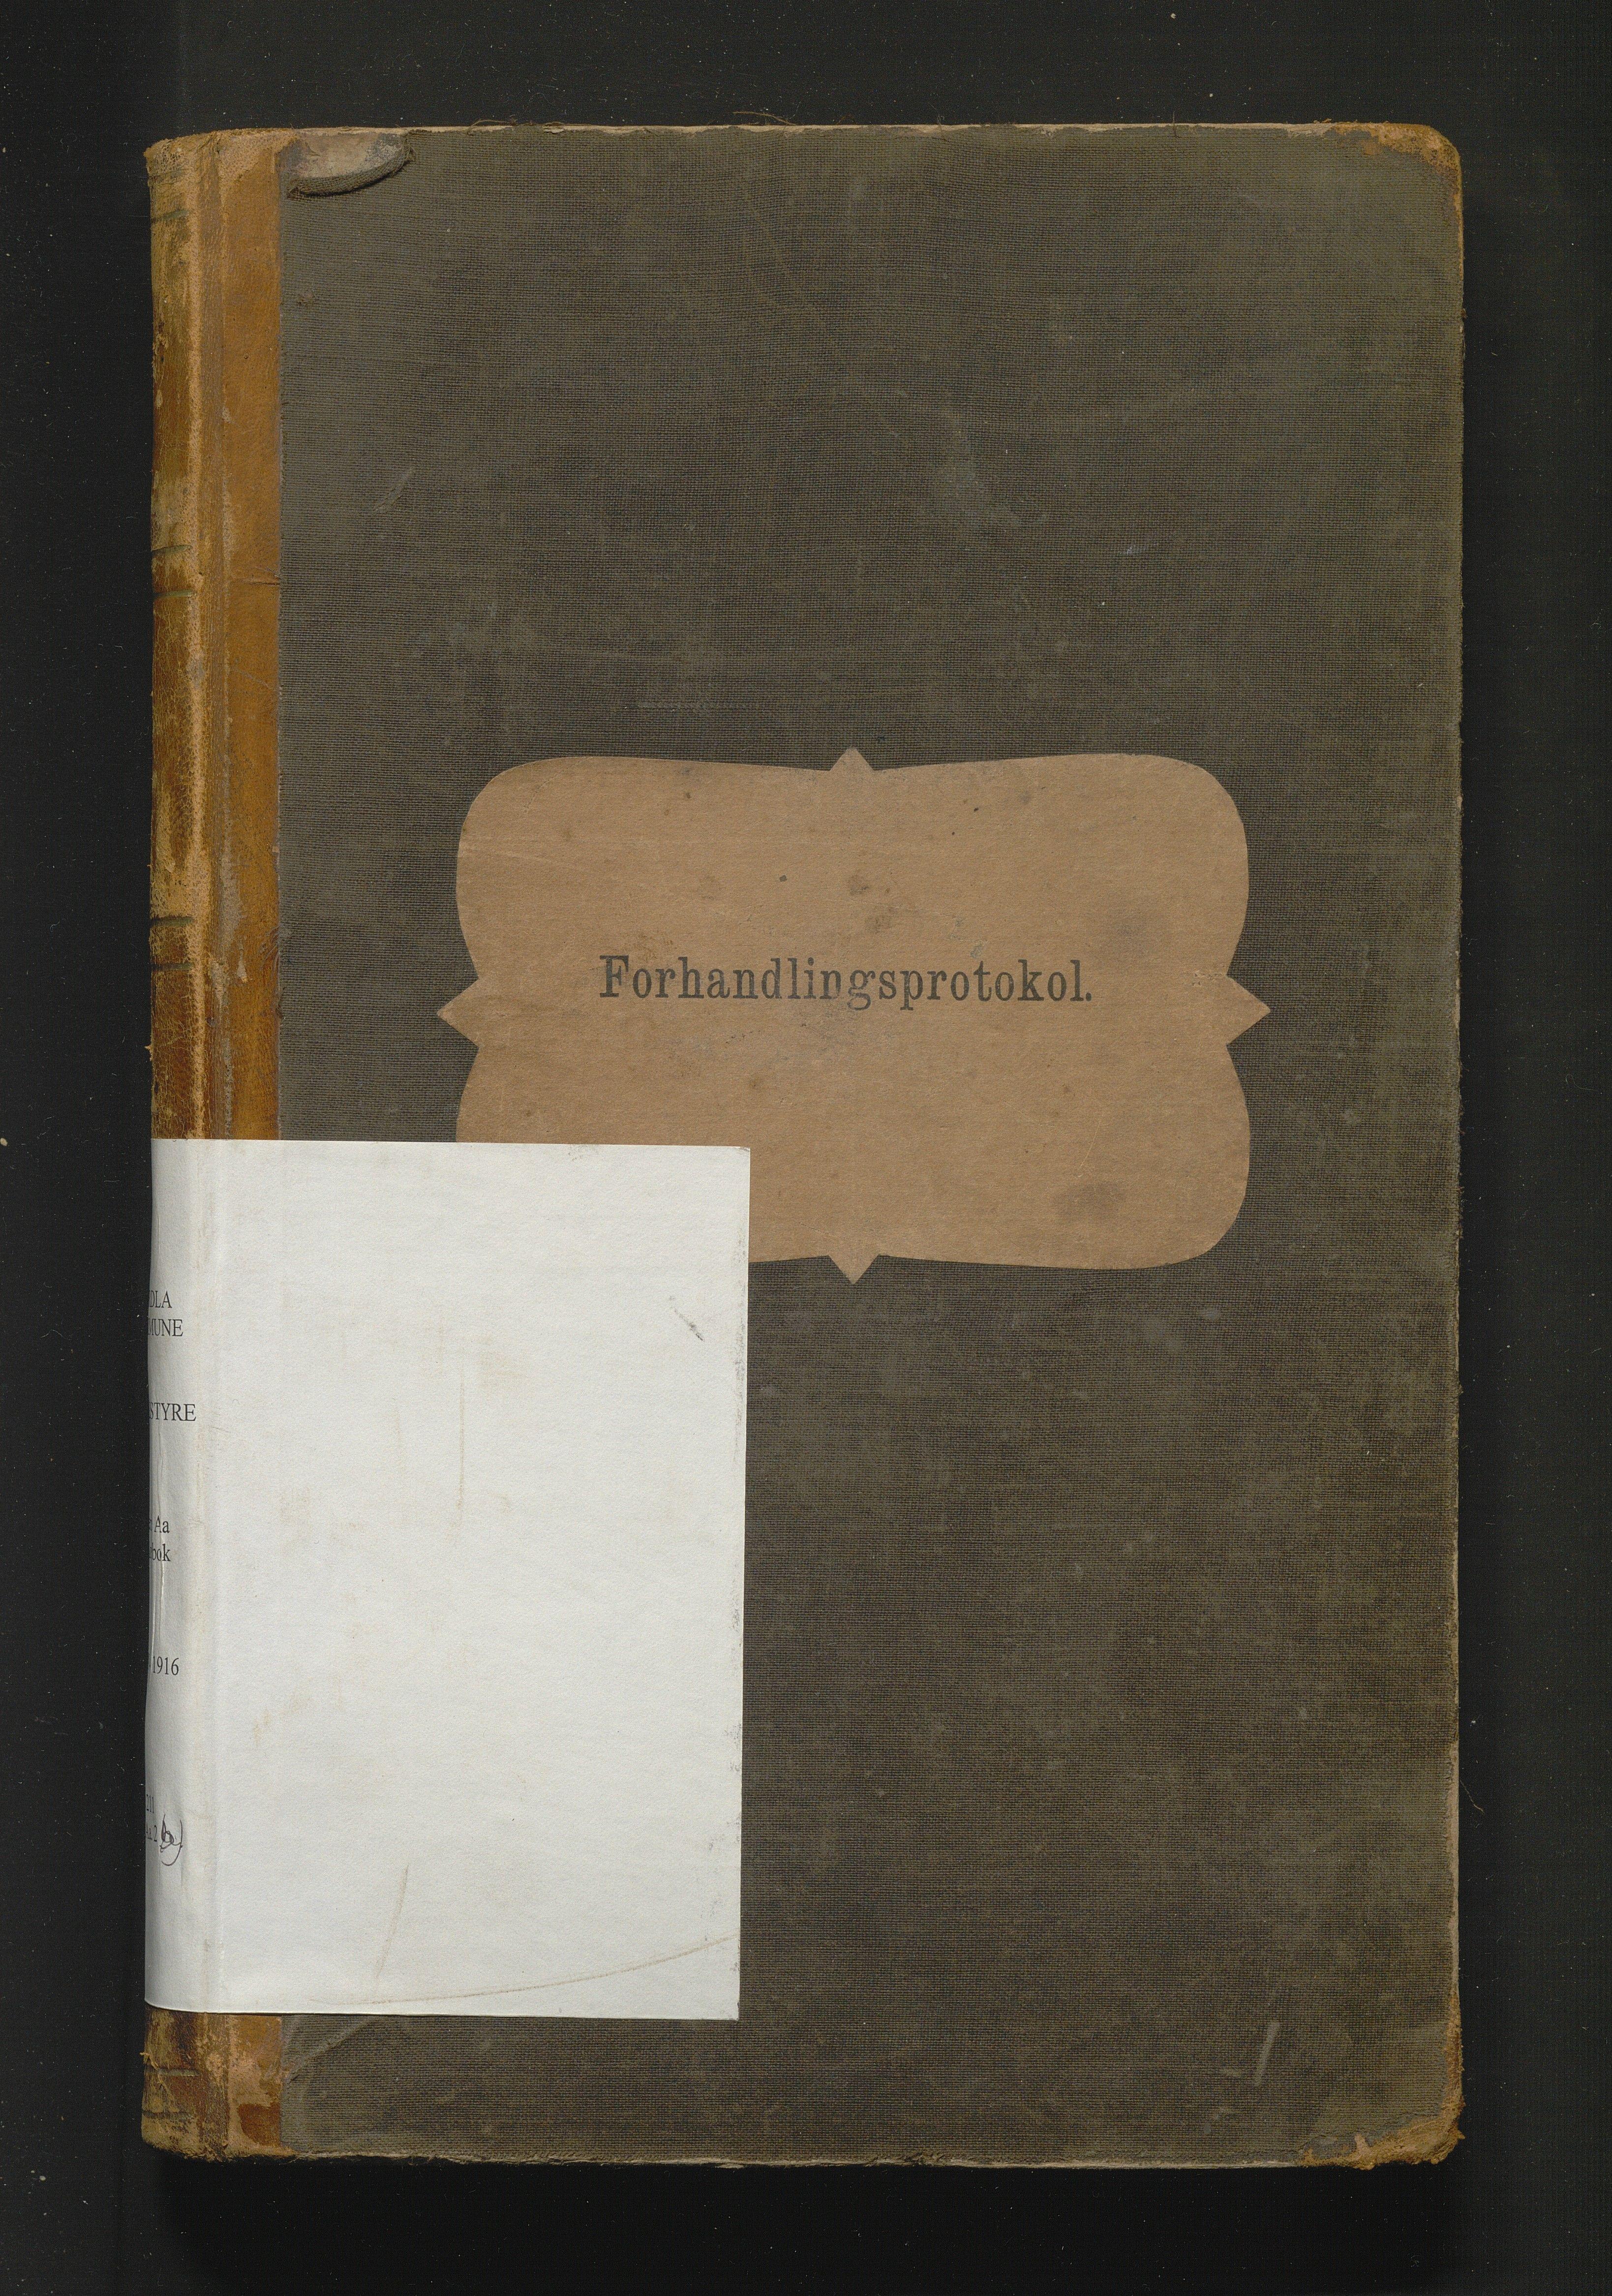 IKAH, Herdla kommune. Skulestyret, A/Aa/L0001B: Møtebok, 1889-1916